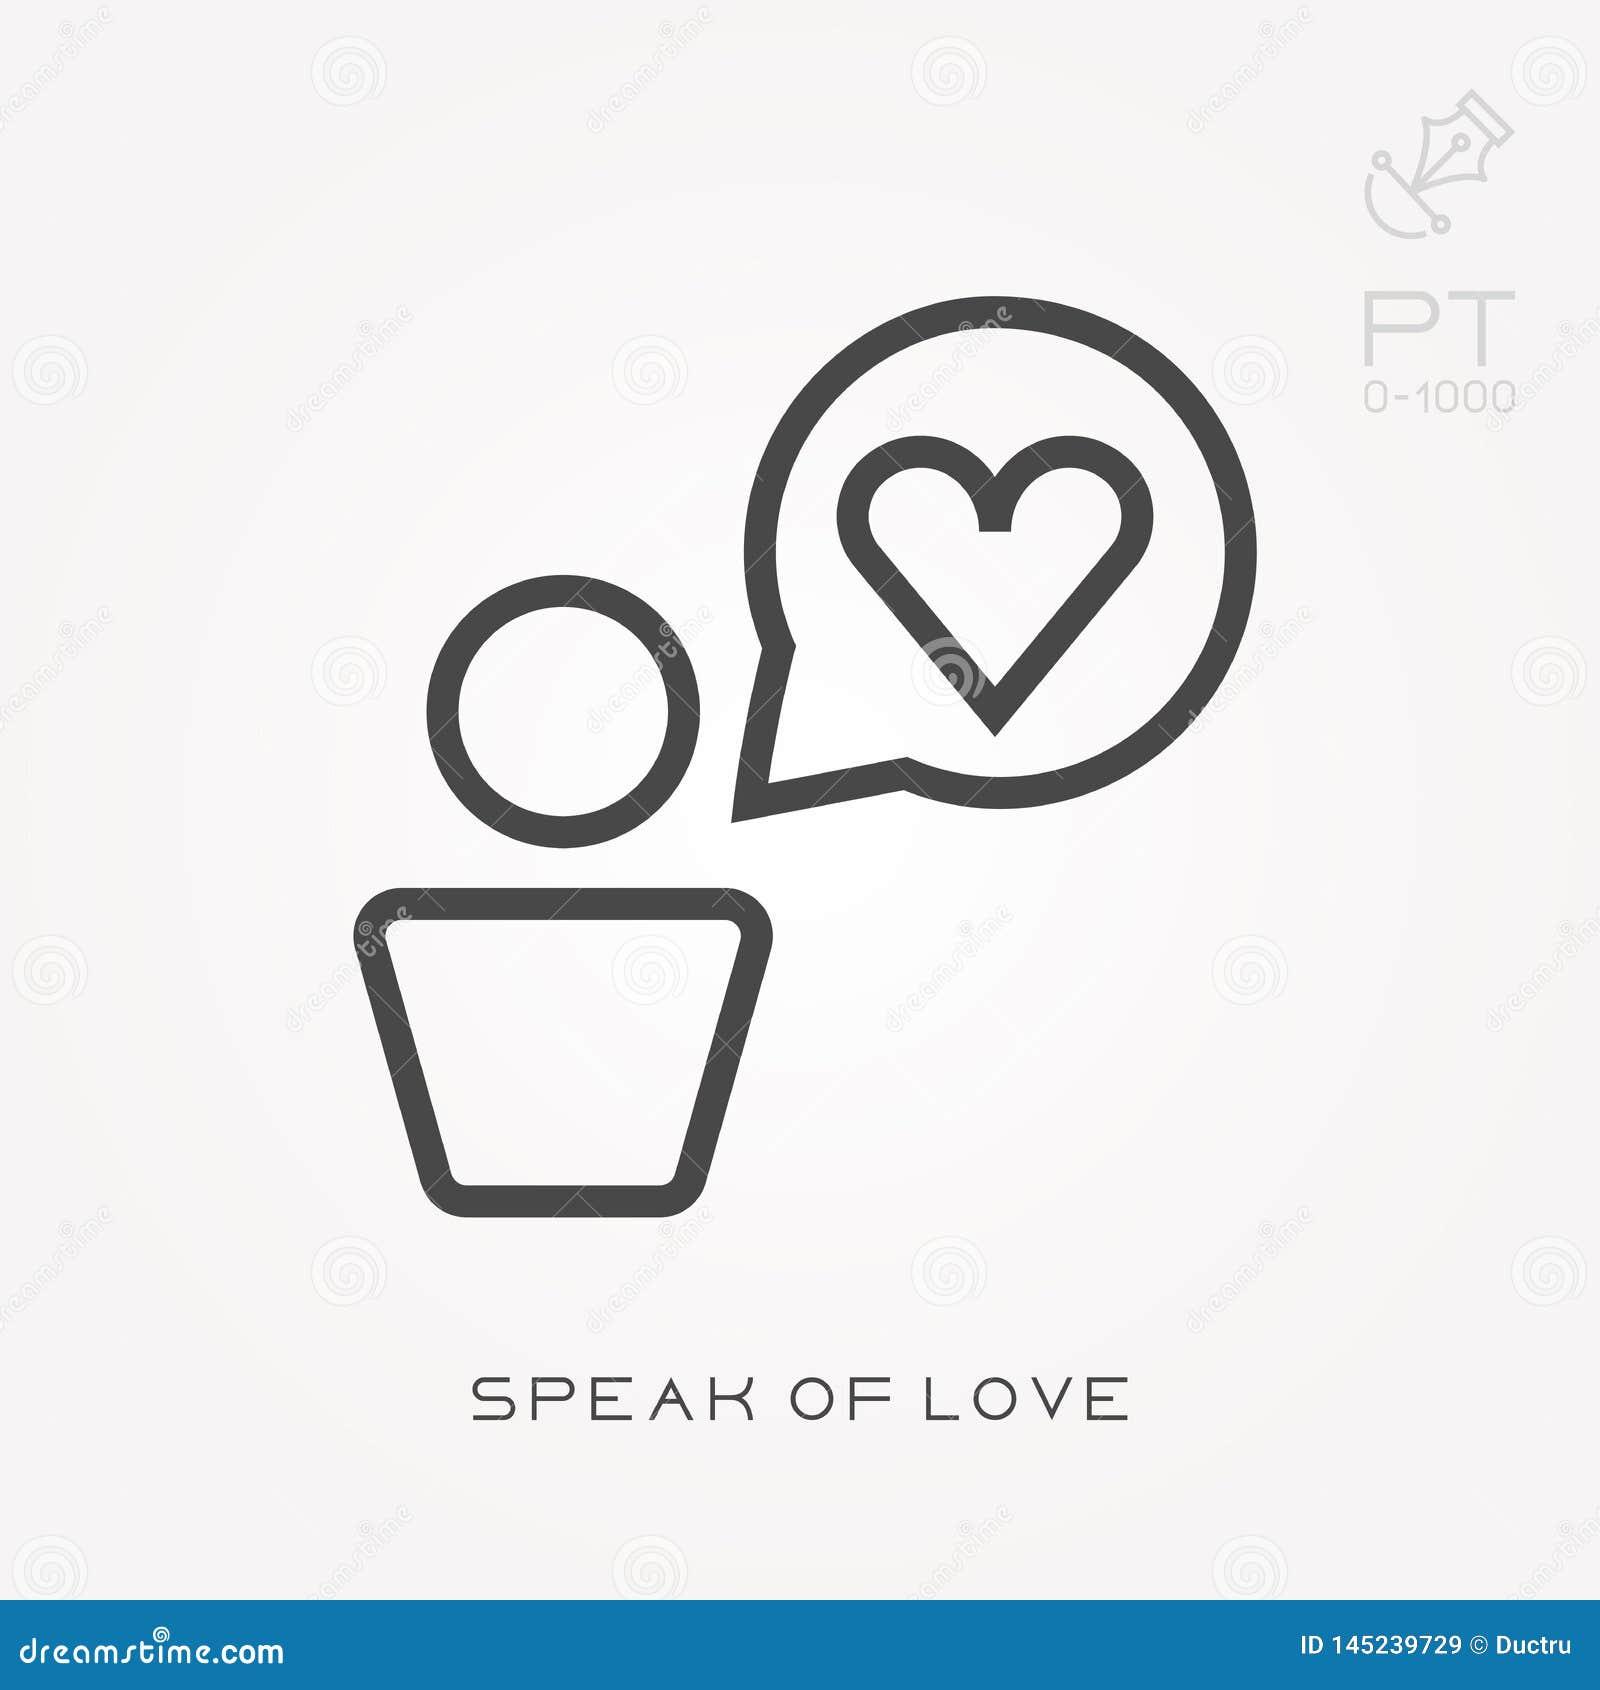 L?nea icono hablar de amor